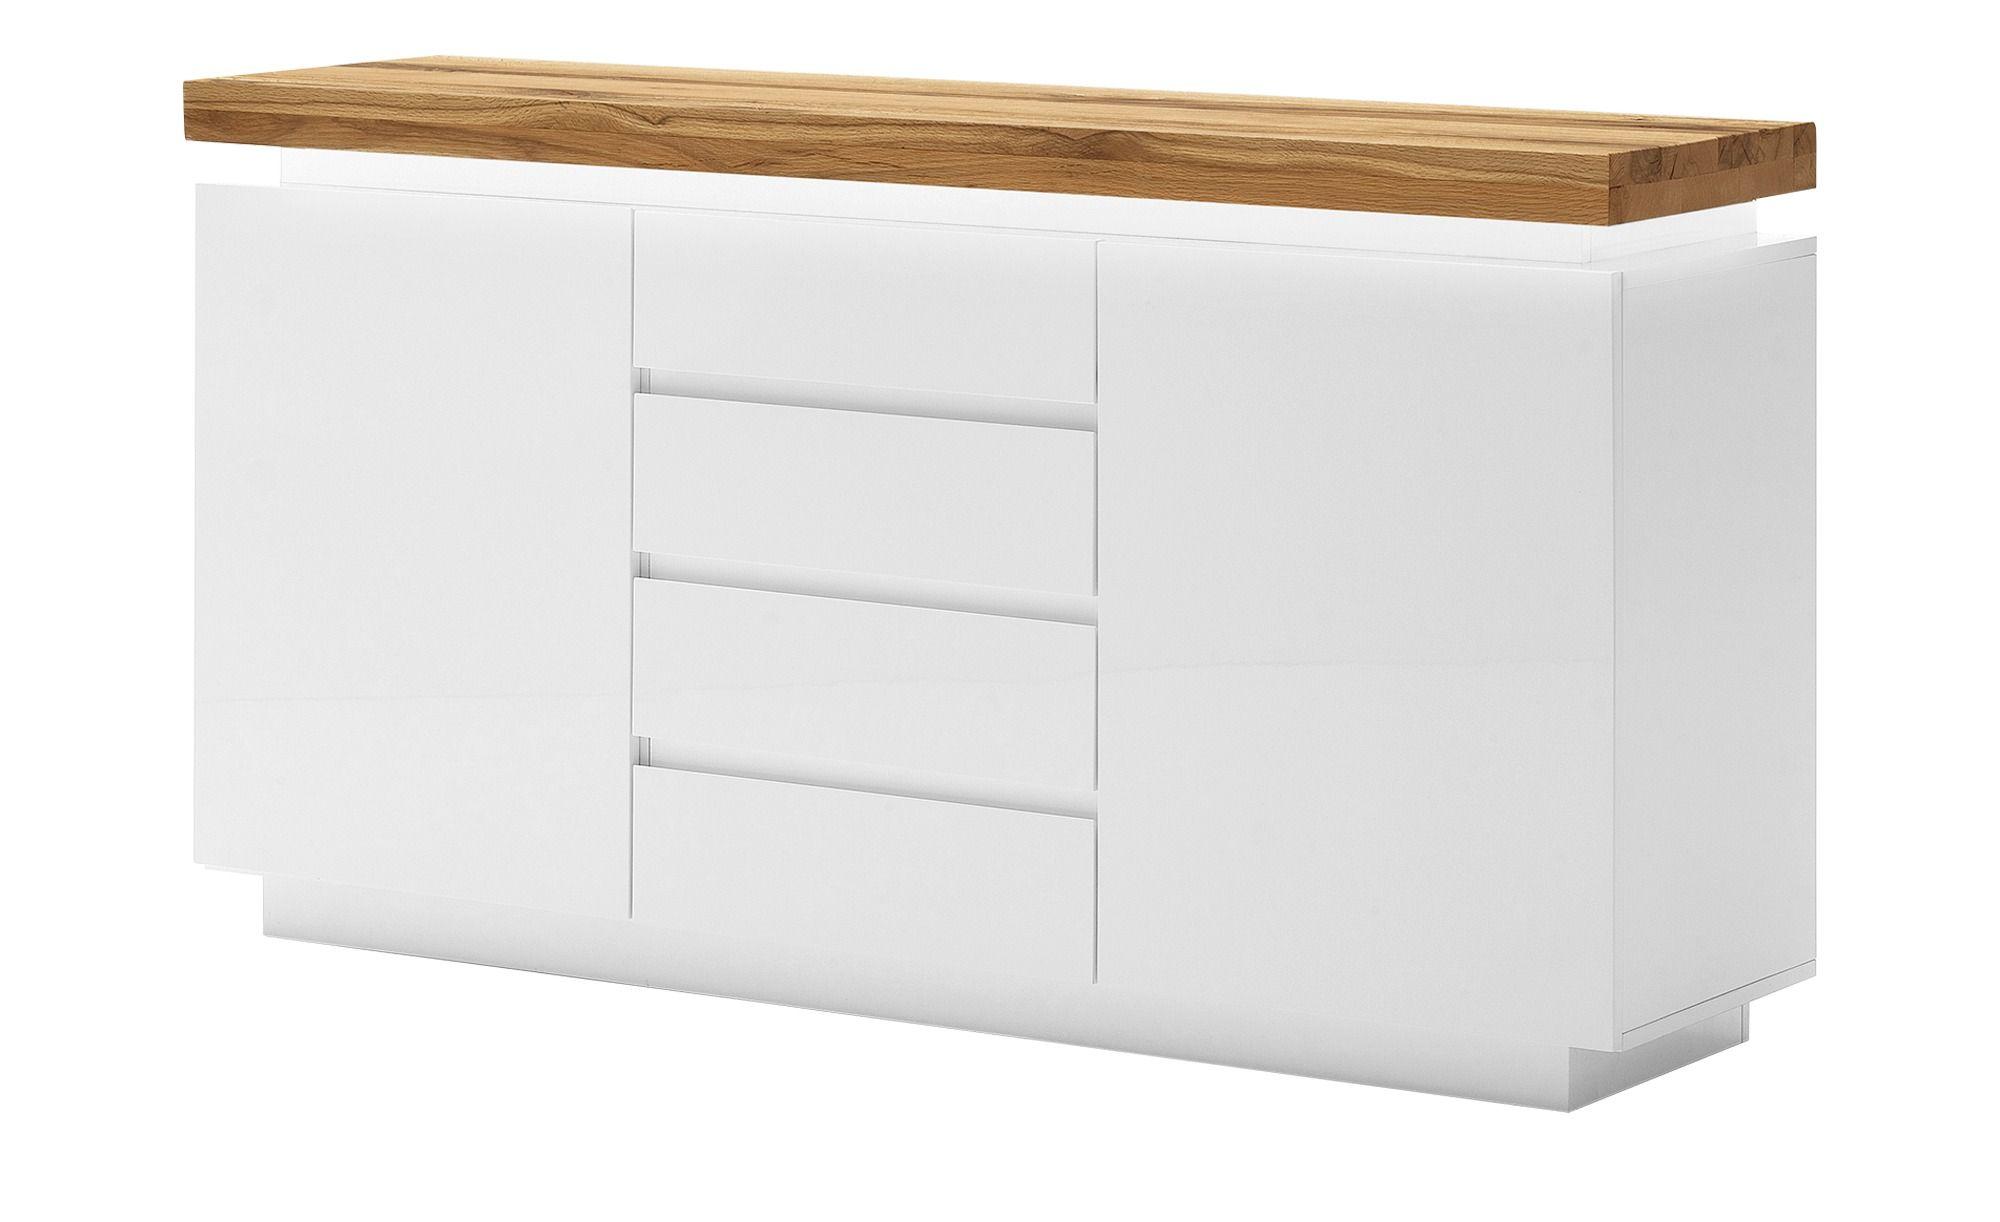 Sideboard Fornico Gefunden Bei Möbel Höffner Sideboard Kommode Kommode Weiß Hochglanz